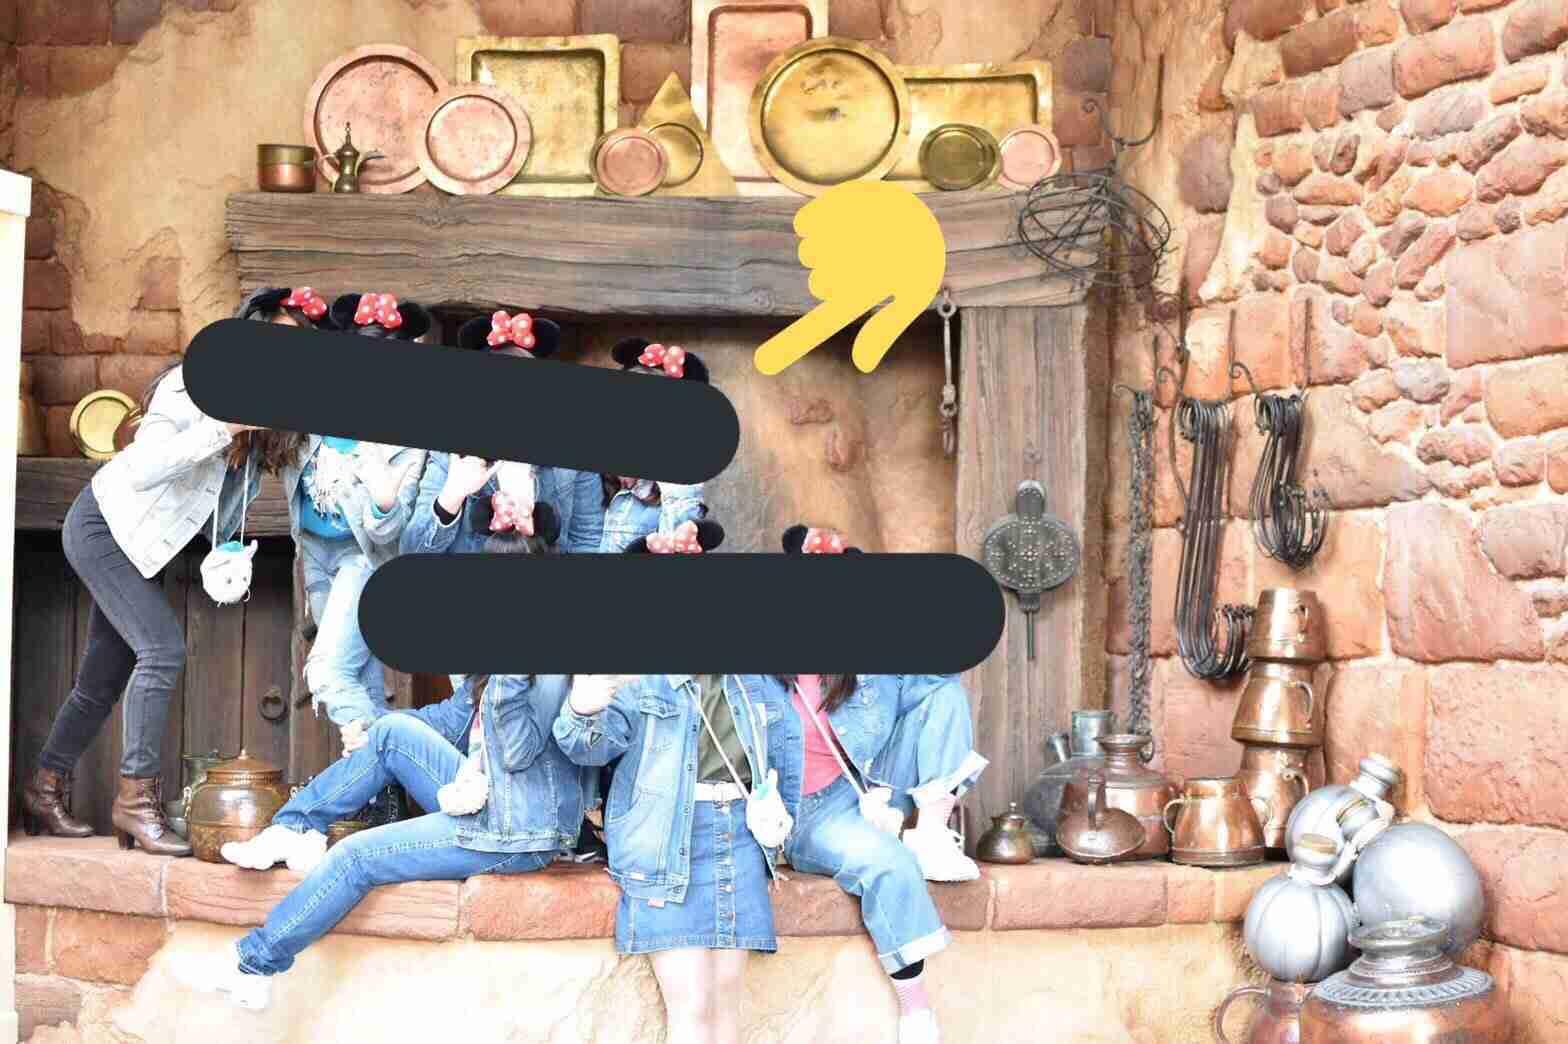 窓穴撮影に集団座り込み... インスタが助長するディズニー・マナーの劣化